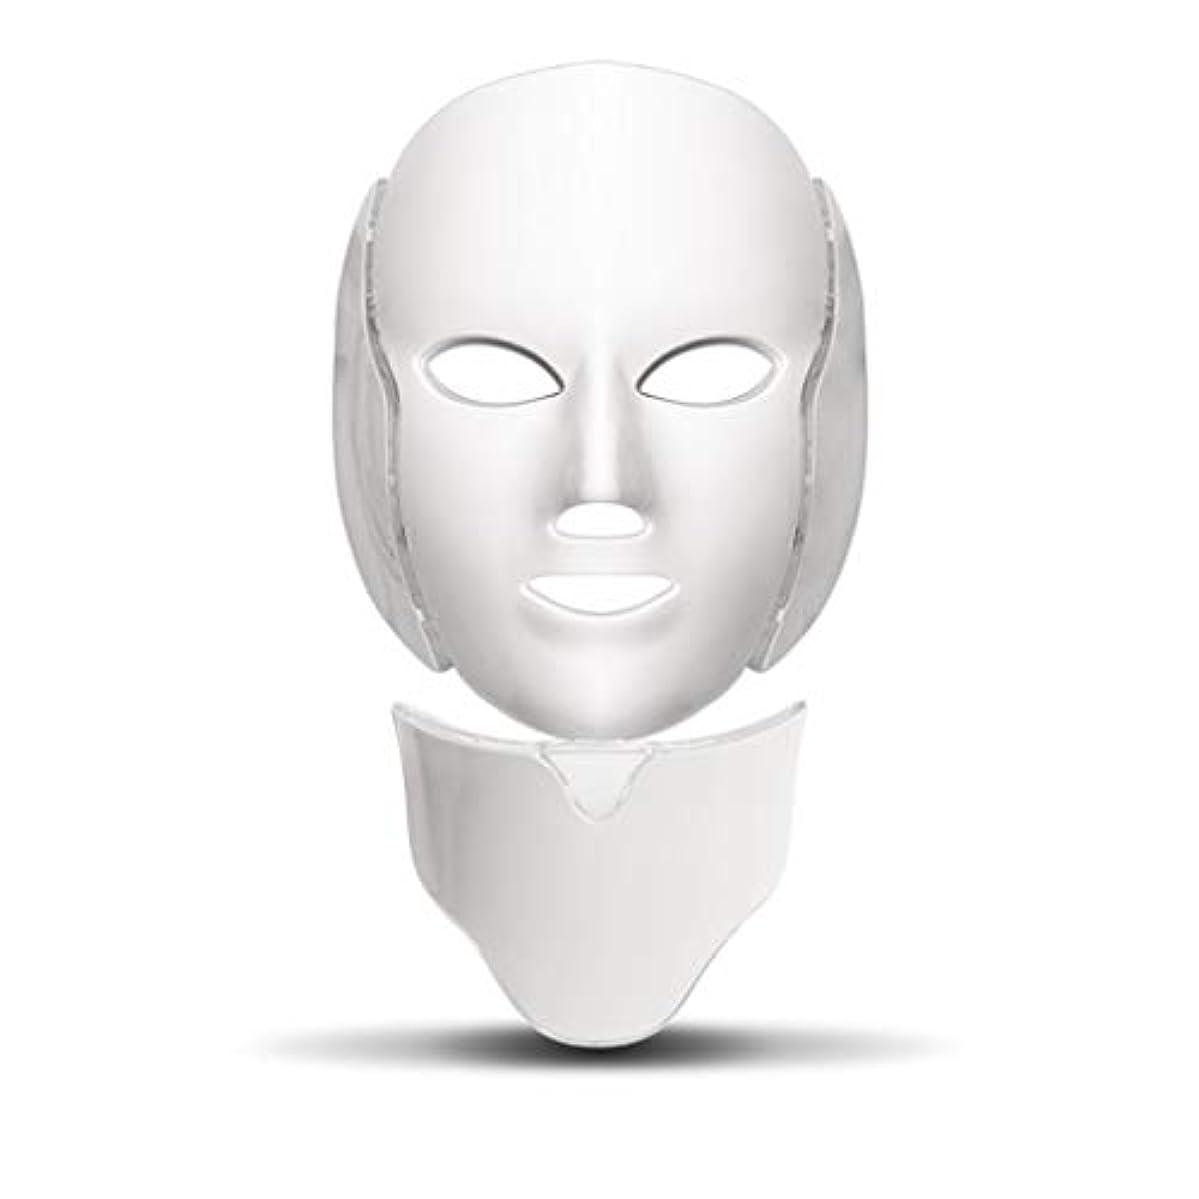 四回インフレーション電信ライトセラピー?マスク、LEDライトセラピーは、ネックスキンケアフェイシャルマスクセラピー7色のアンチエイジング光治療にきびマスクフェーススキンビューティトーニング、しわ、アクネホワイトニングマスク (Color : White)